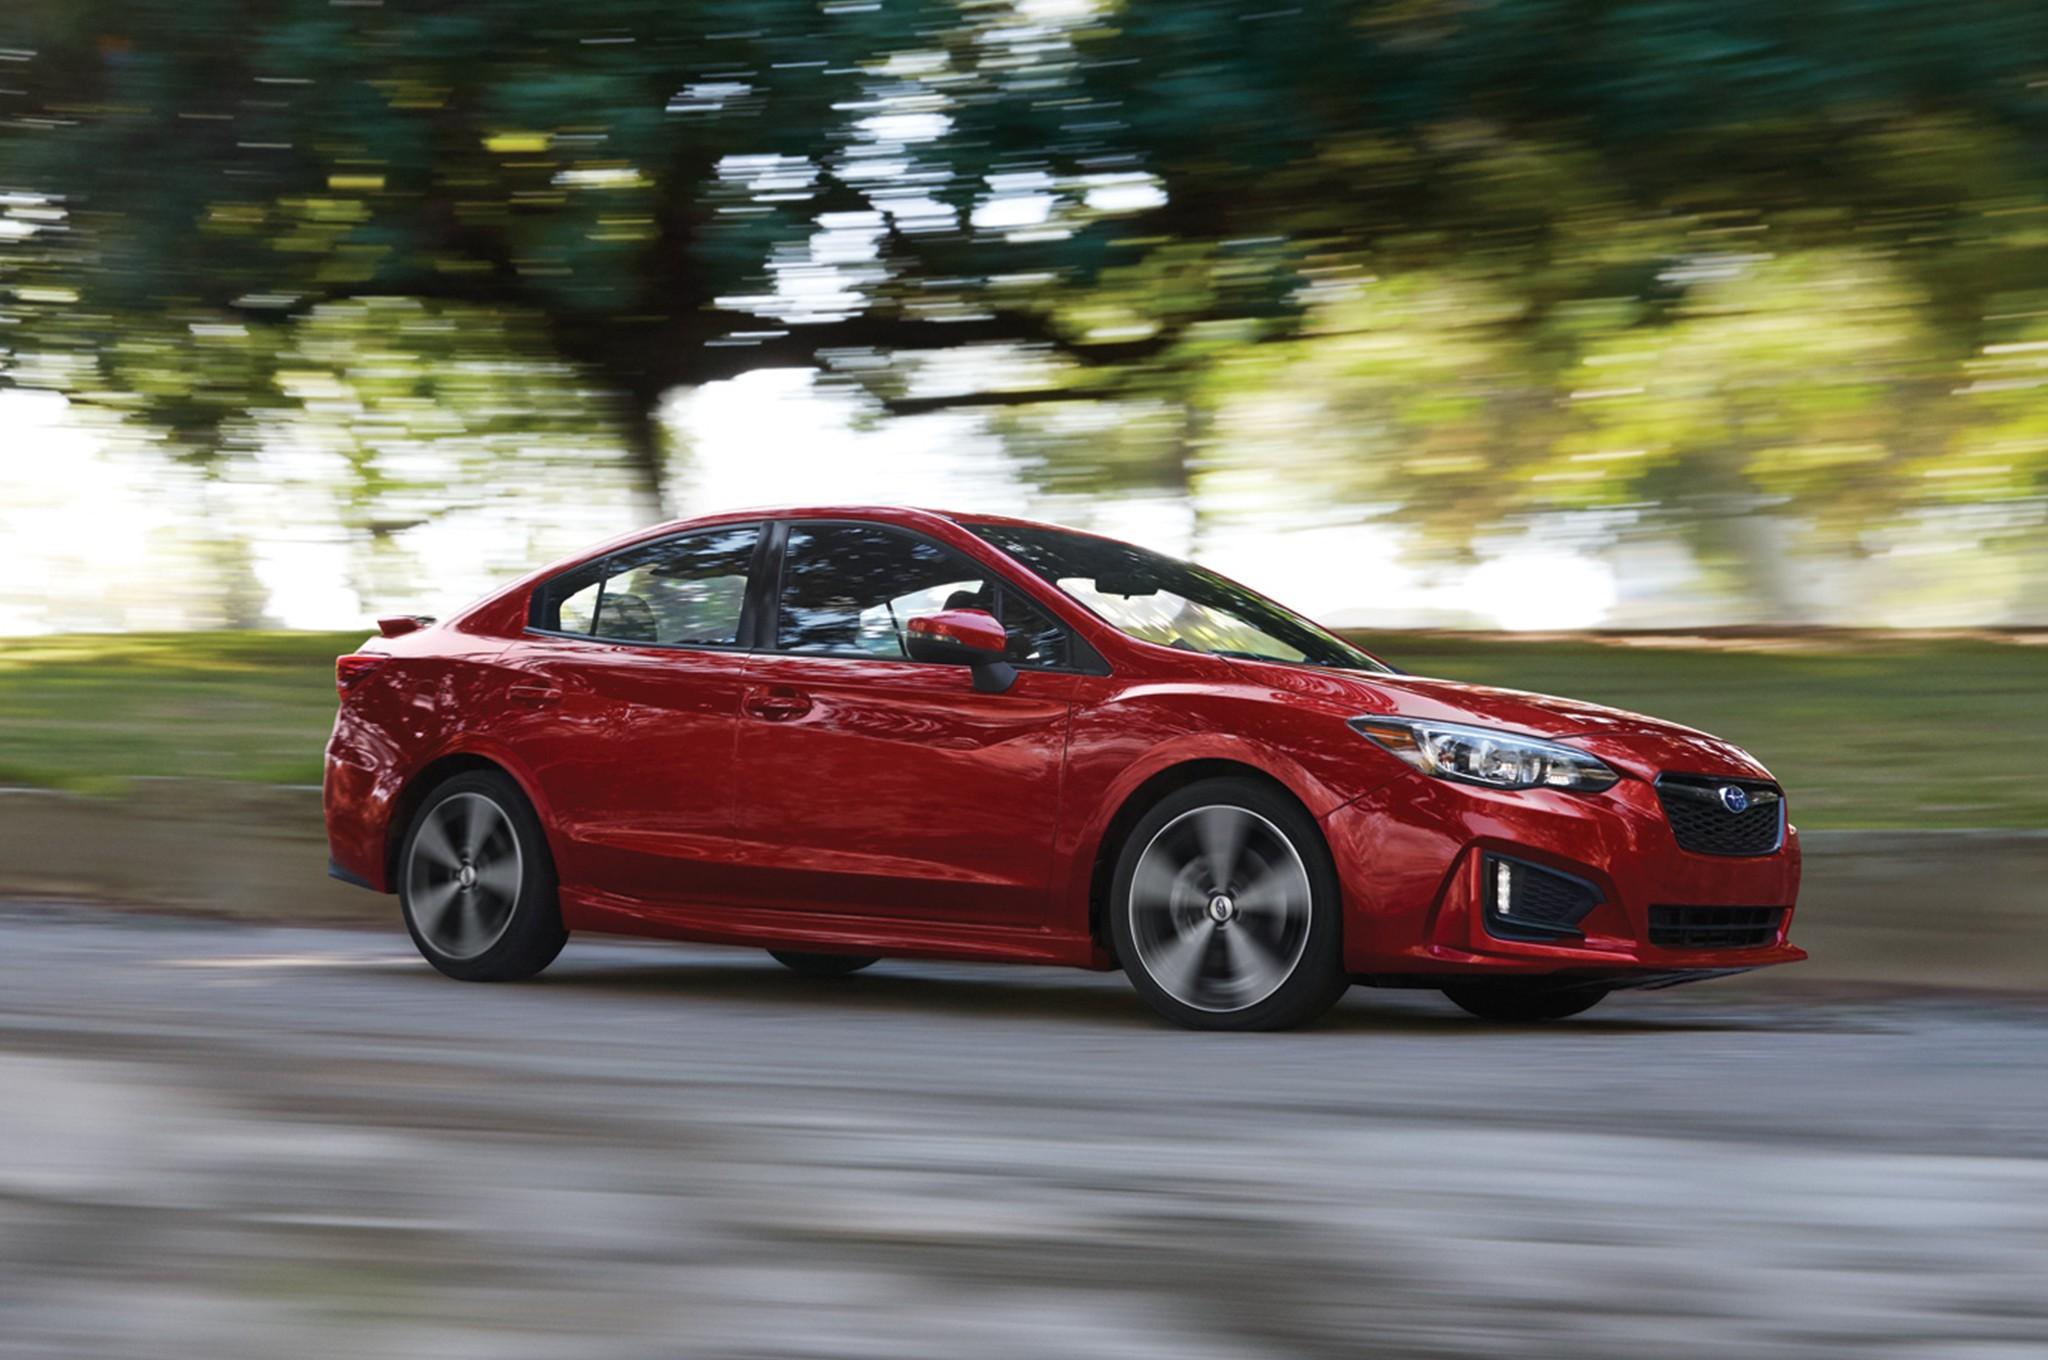 Специалисты назвали более практичные автомобили нынешнего года